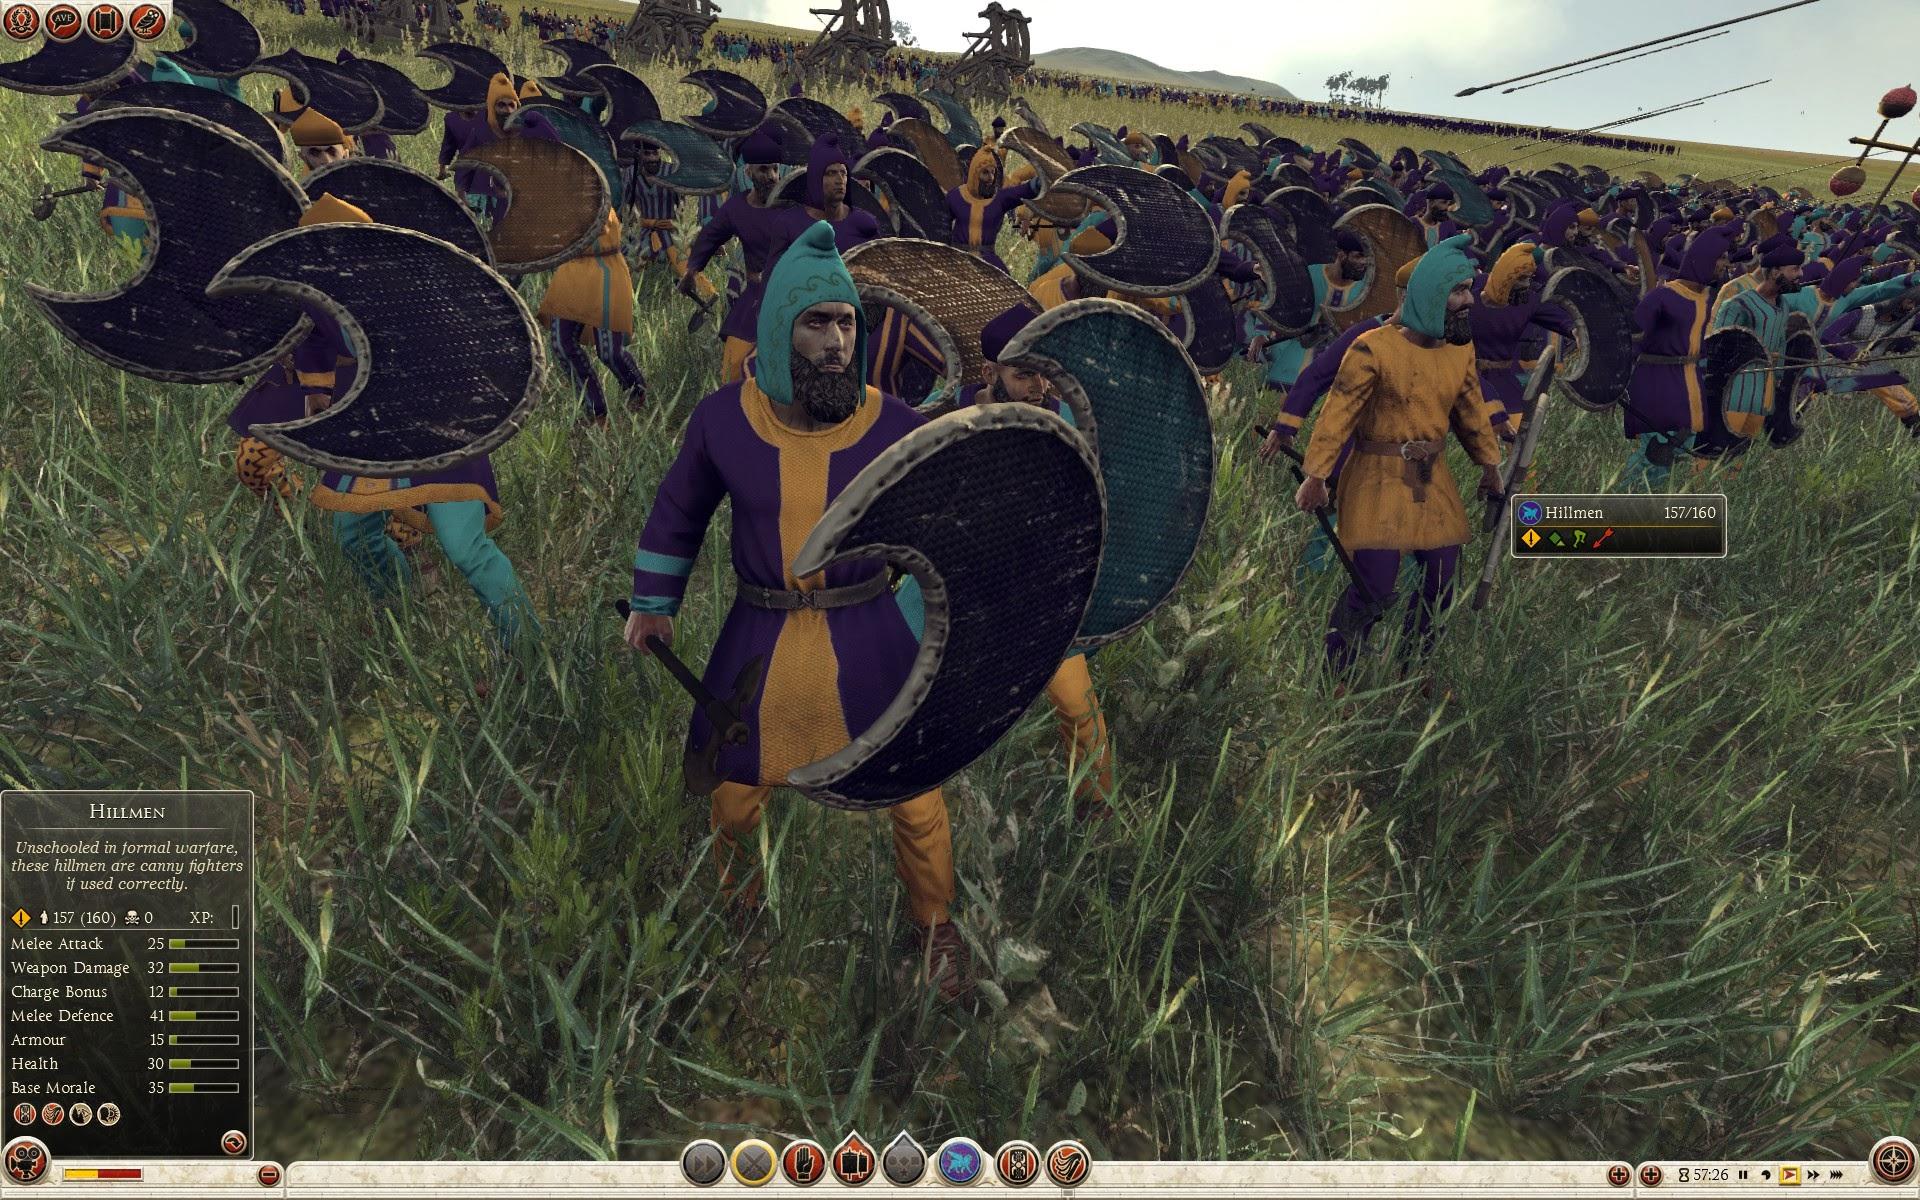 Hillmen